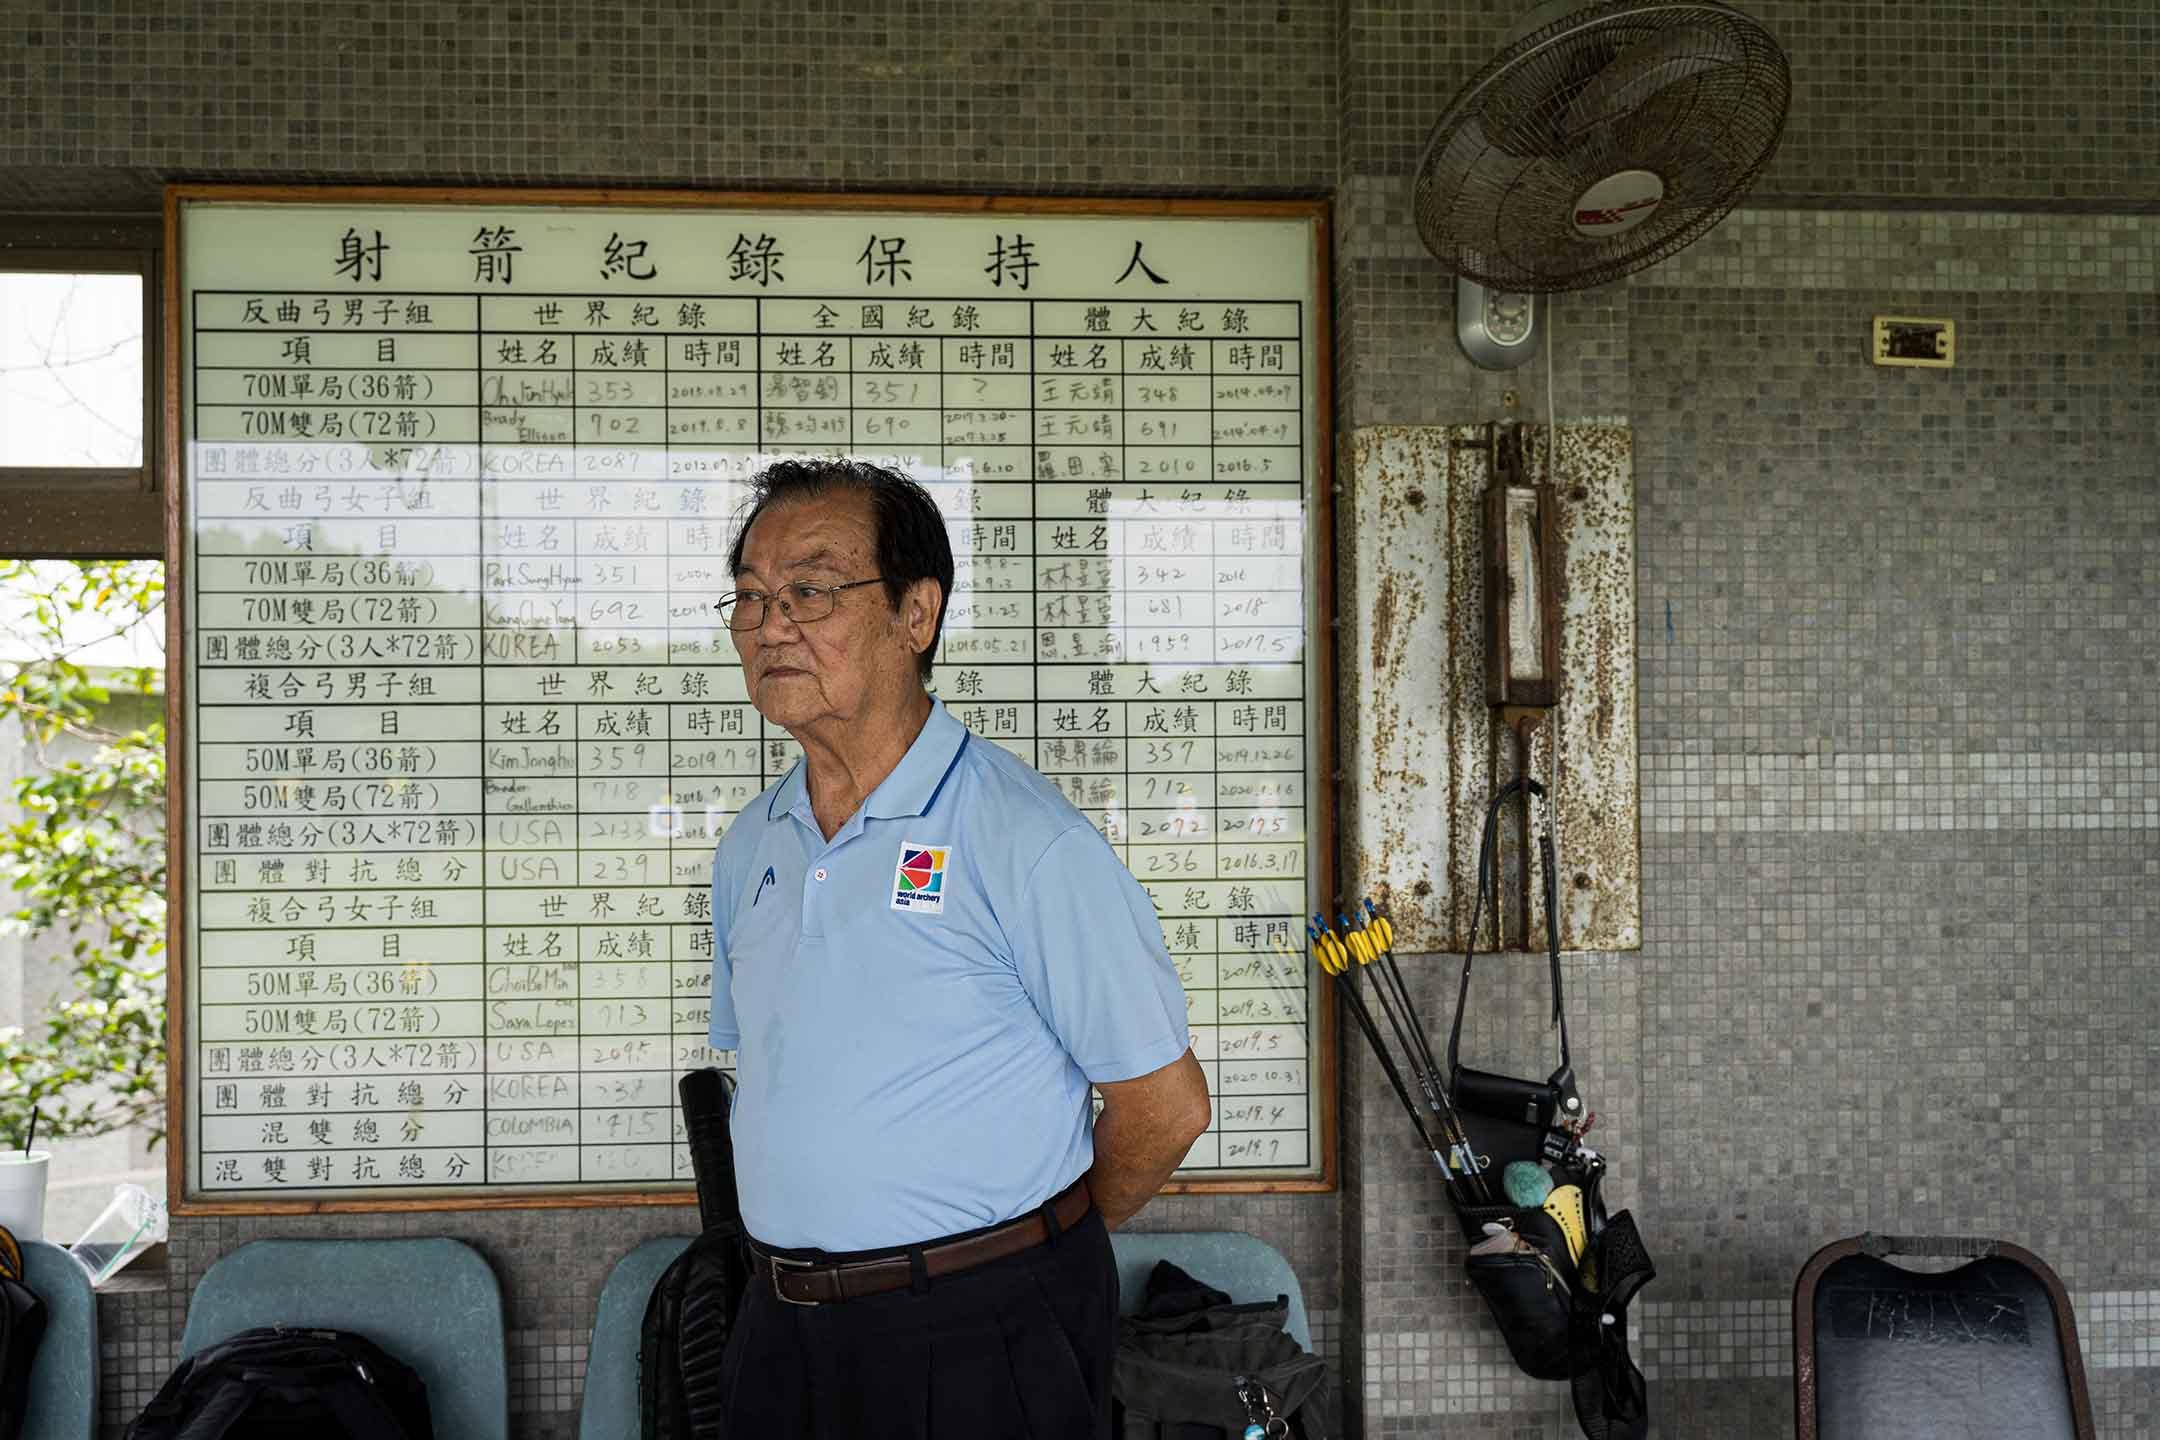 桃園市射箭委員會主委、中華射箭協會常務理事賴文郎。